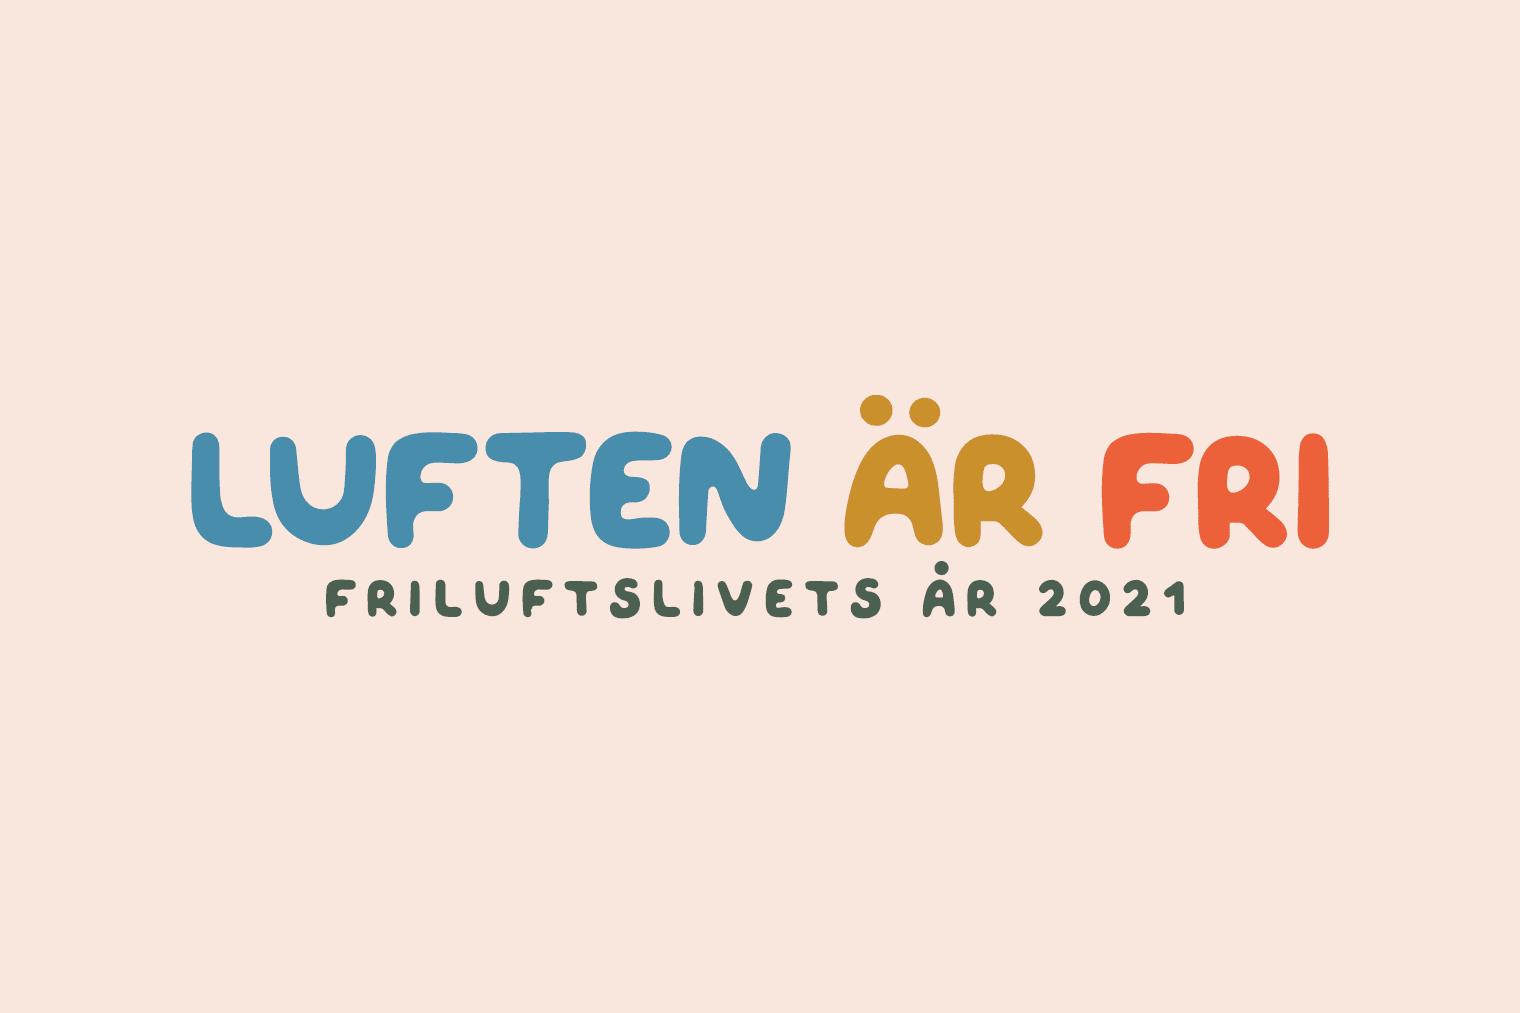 Logotyp med texten luften är fri, friluftsårets år 2021